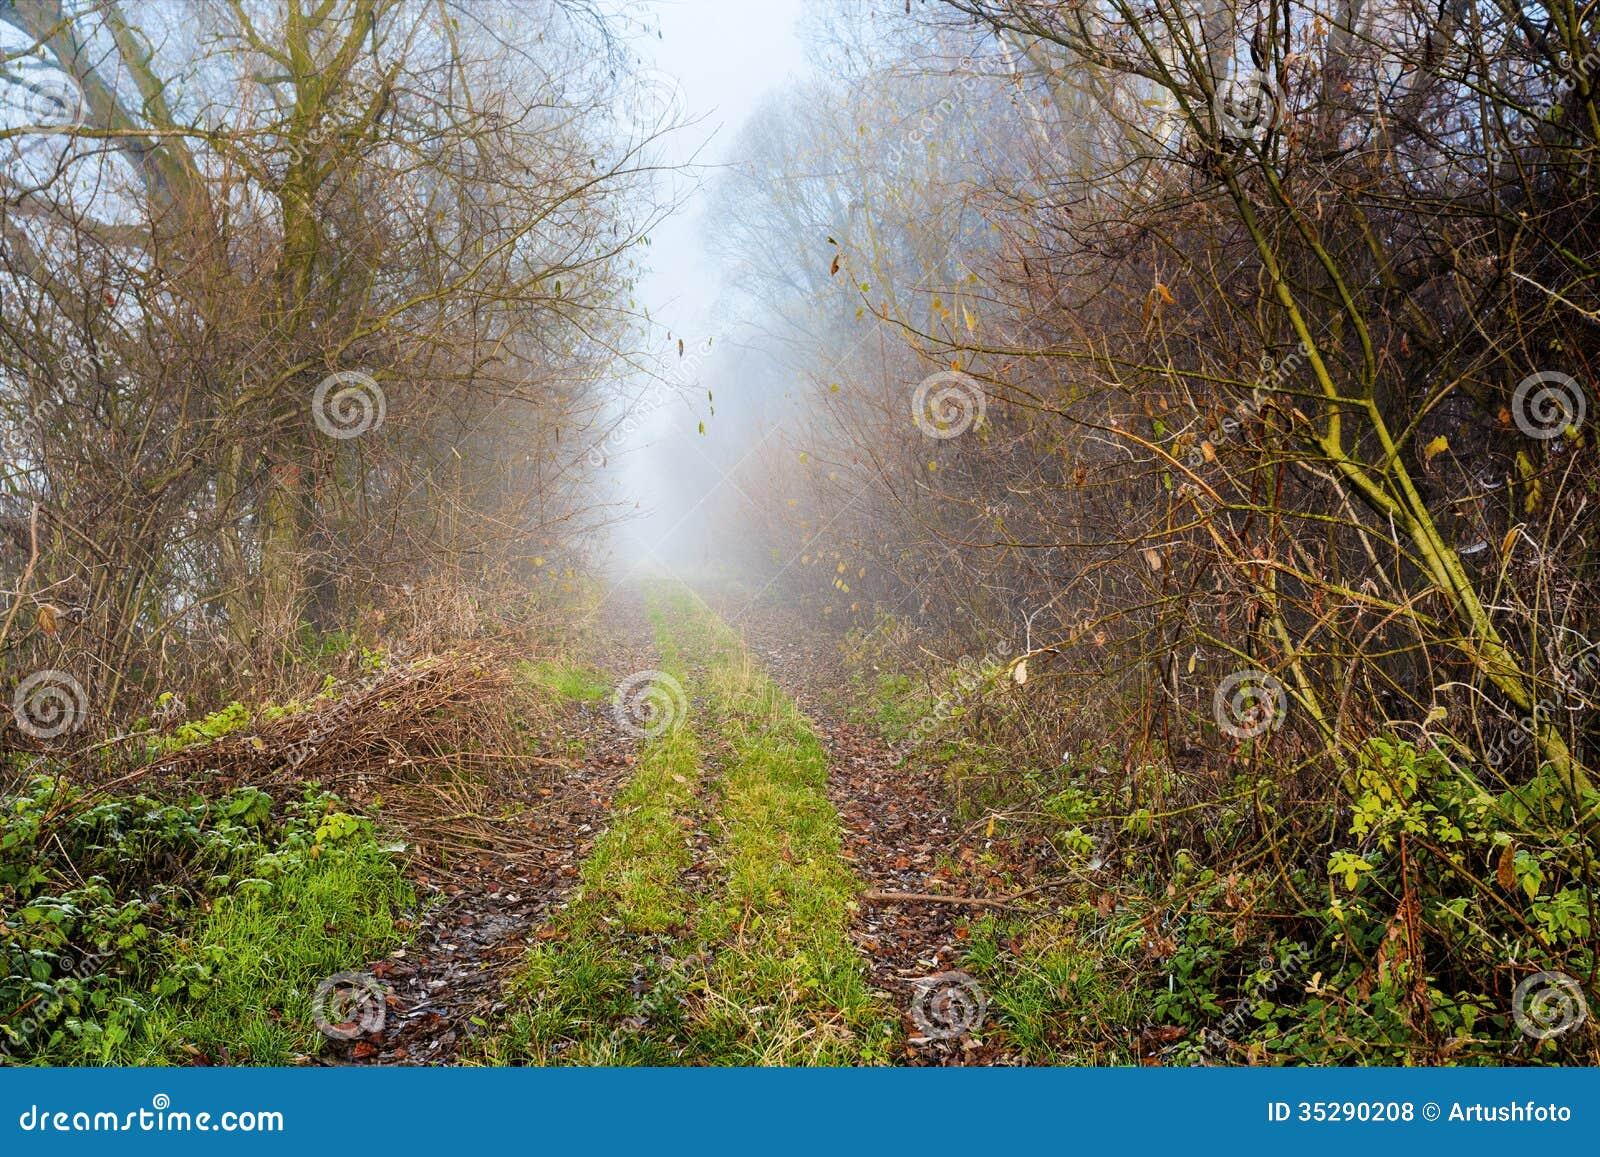 landstraße durch reichen laubwald stockfoto - bild von ruhig